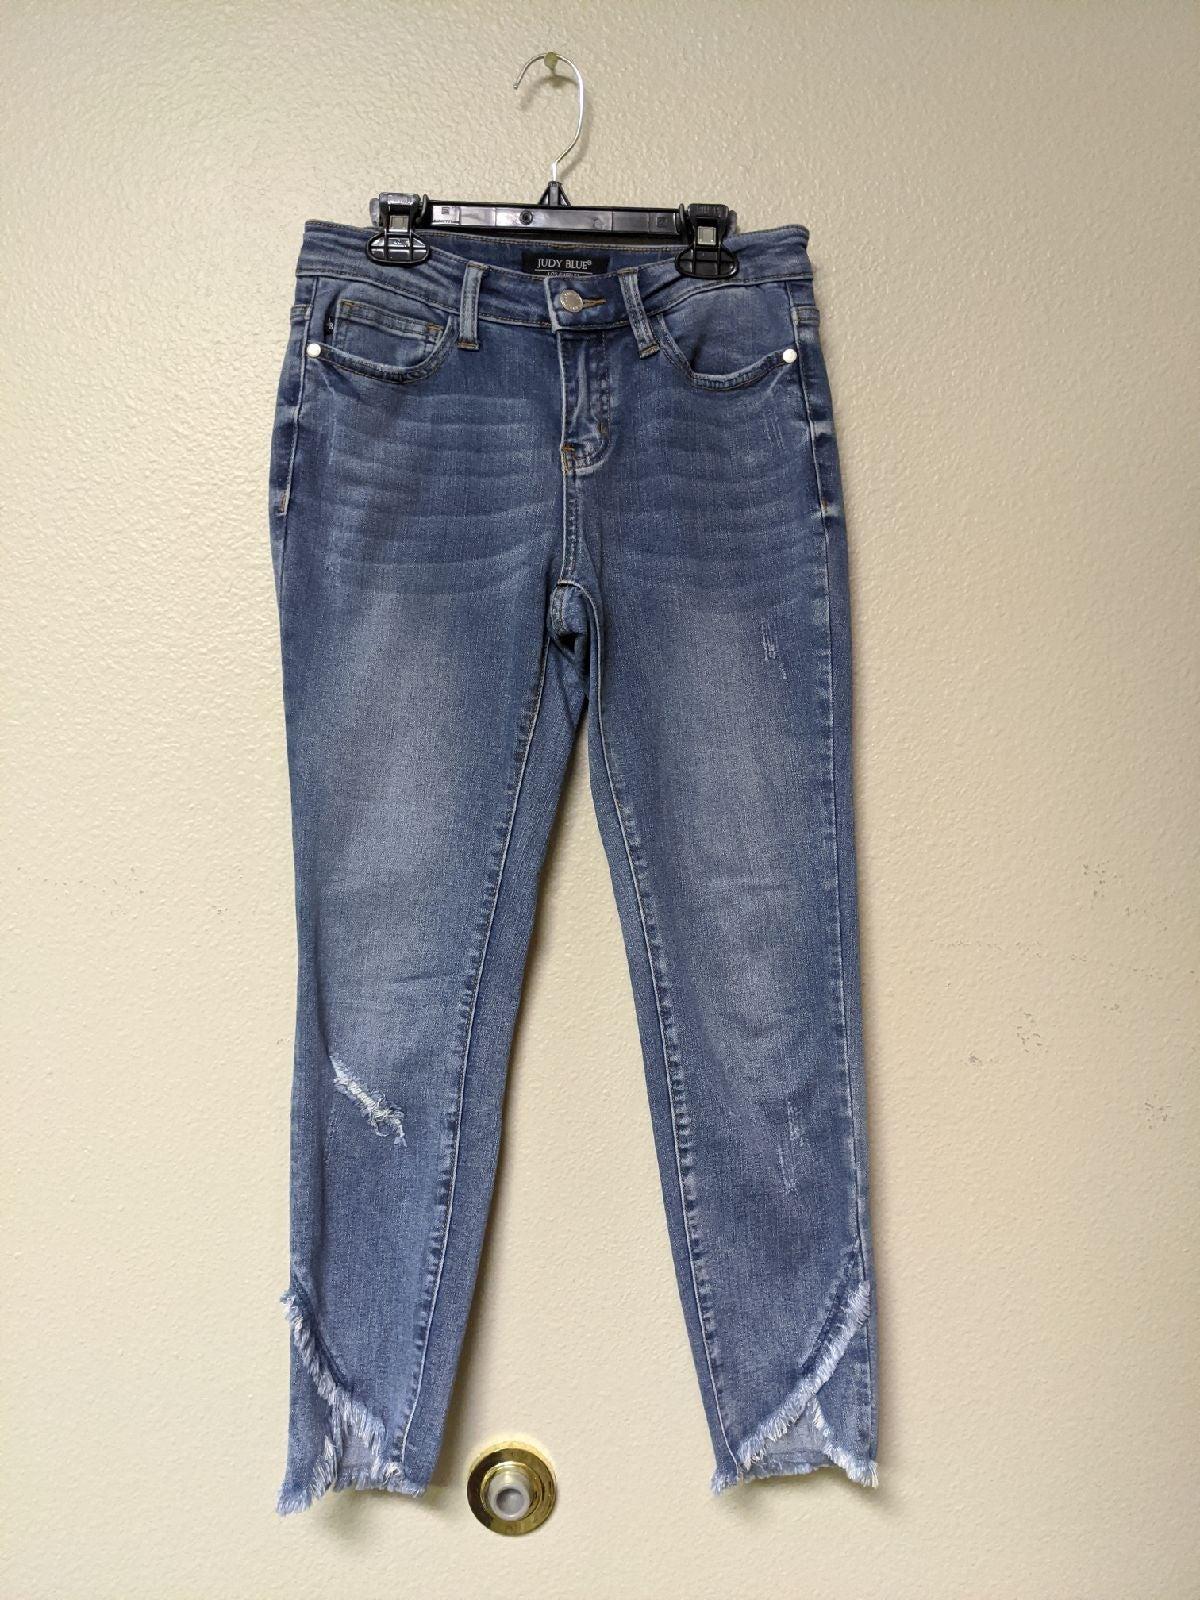 JUDY BLUE Distressed Denim Jean Pants